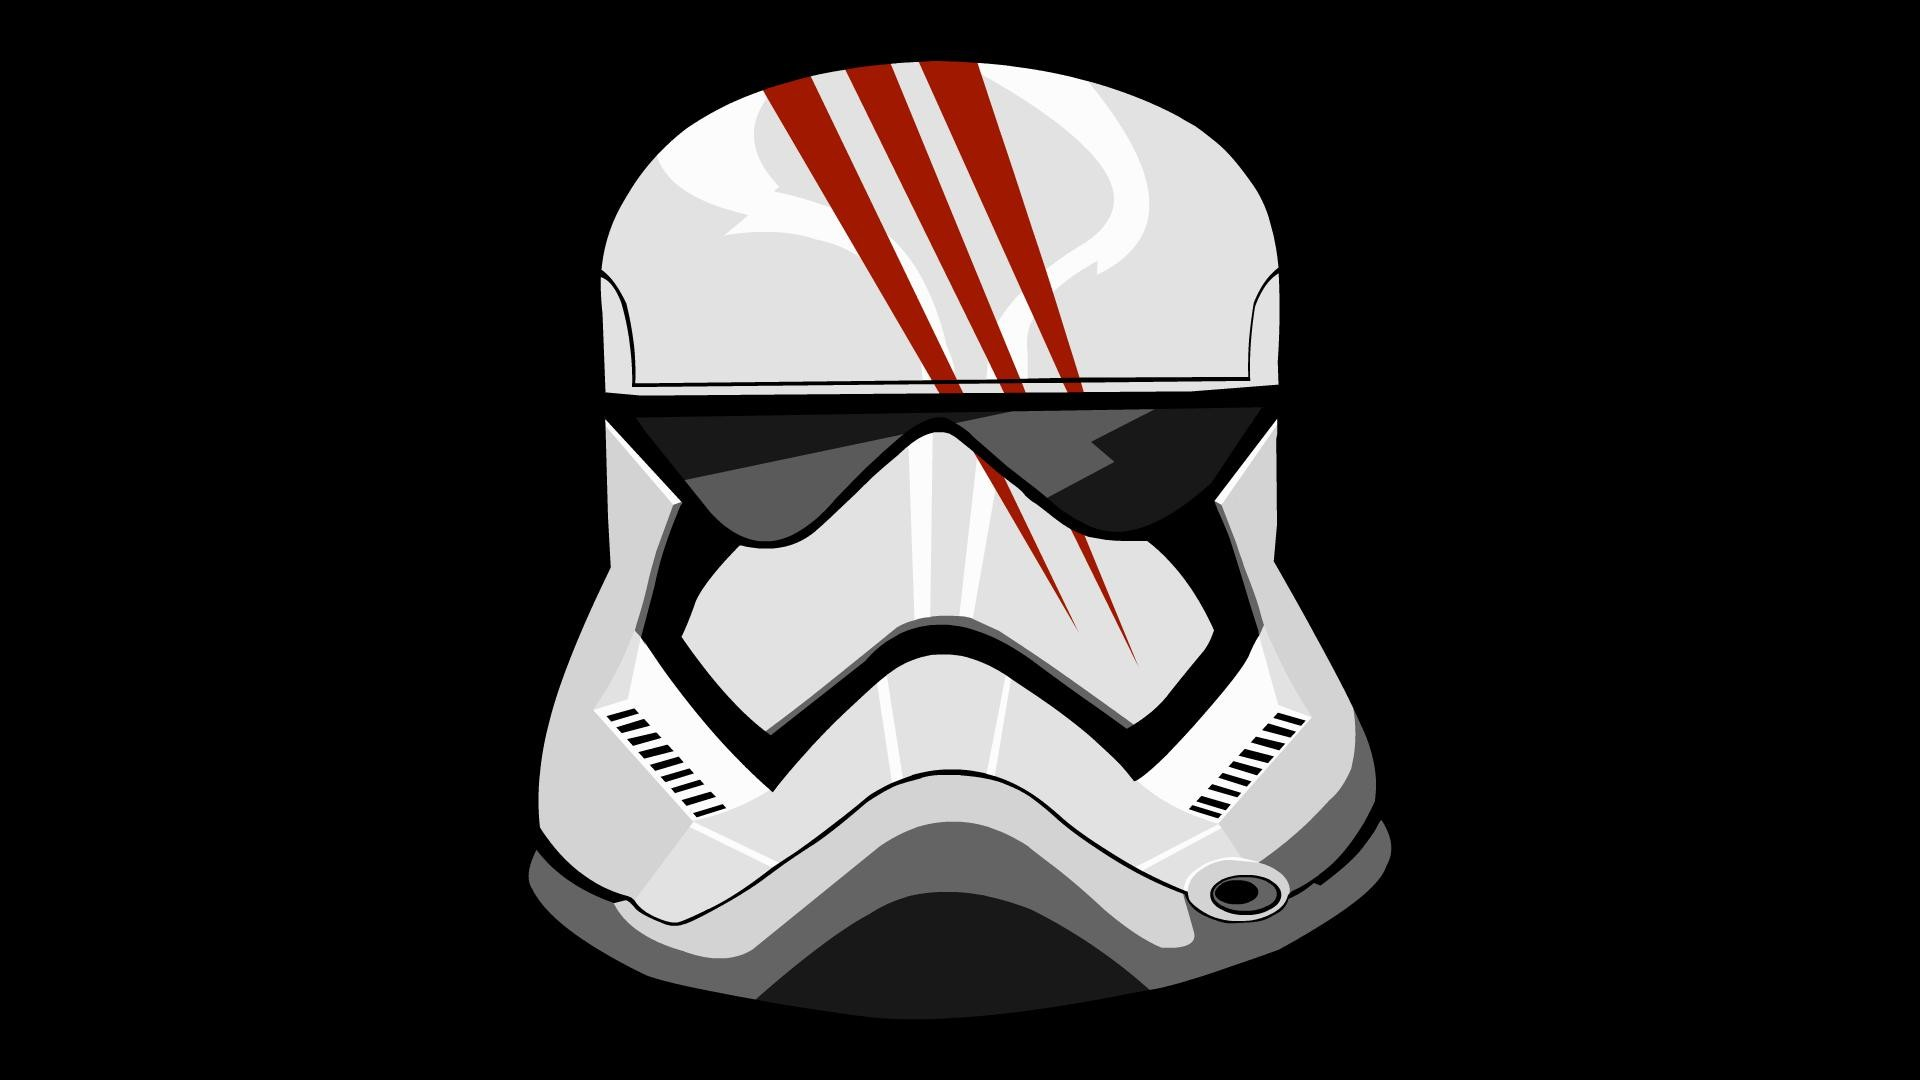 Wiki Stormtrooper Wallpaper Hd Free Download Pic Finn Star Wars 1920x1080 Wallpaper Teahub Io